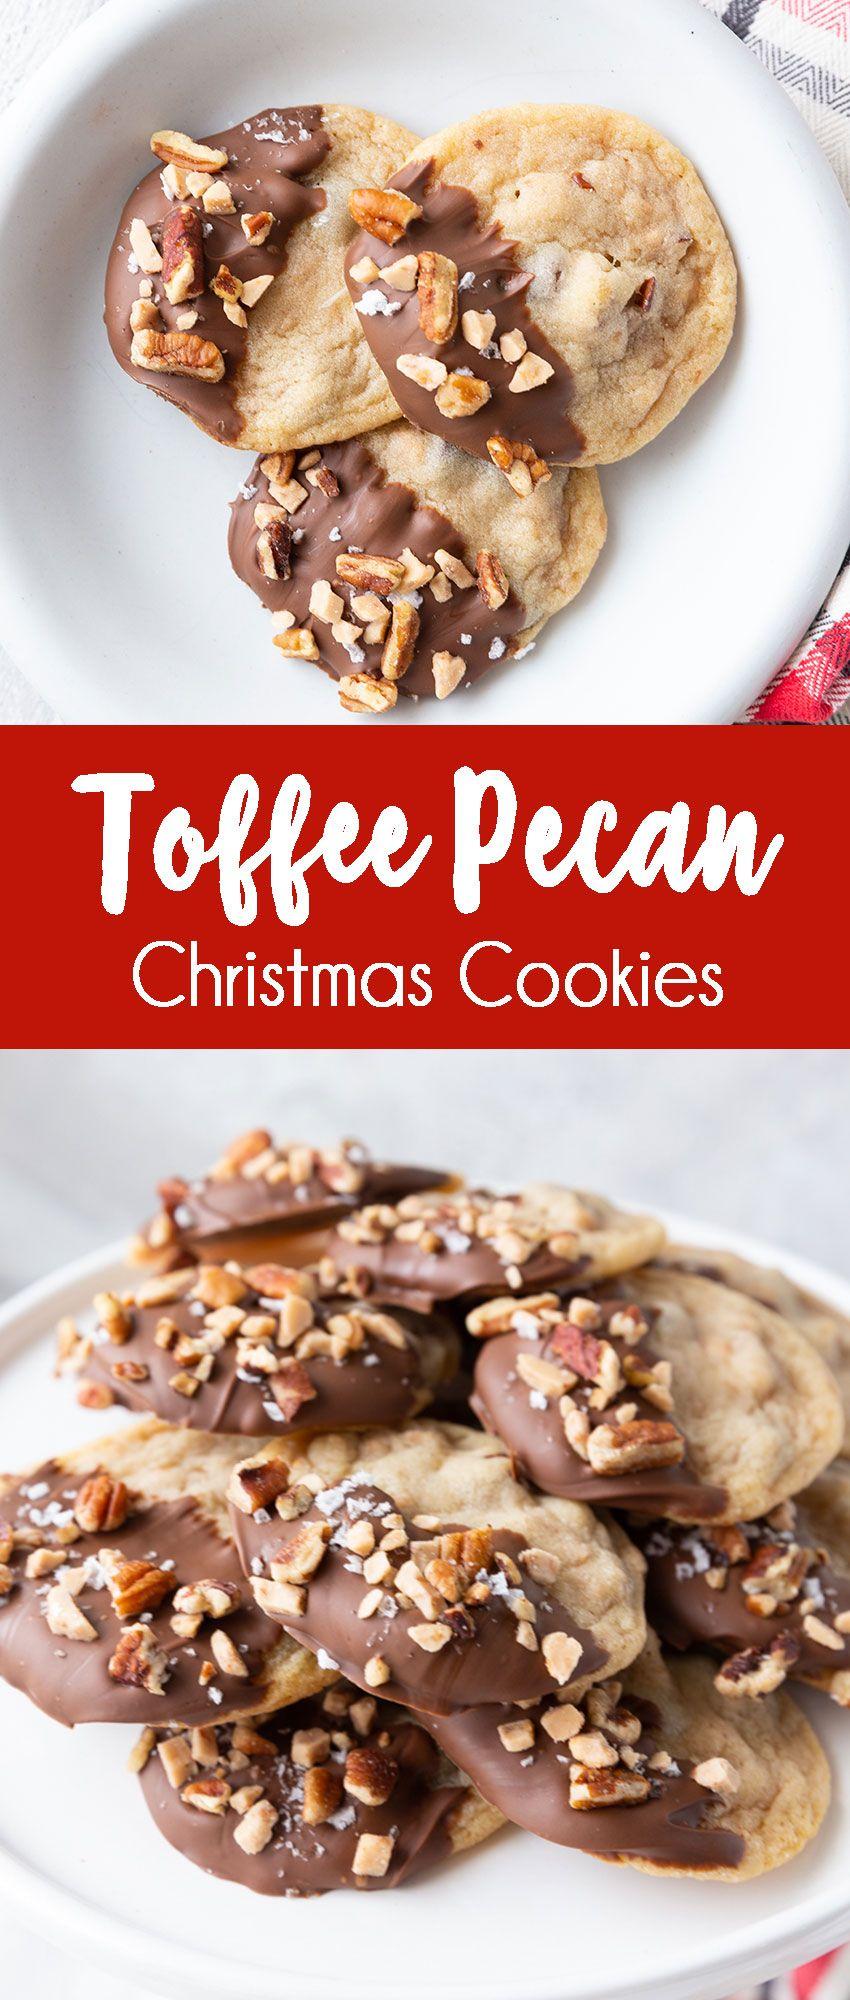 Toffee Pecan Christmas Cookies